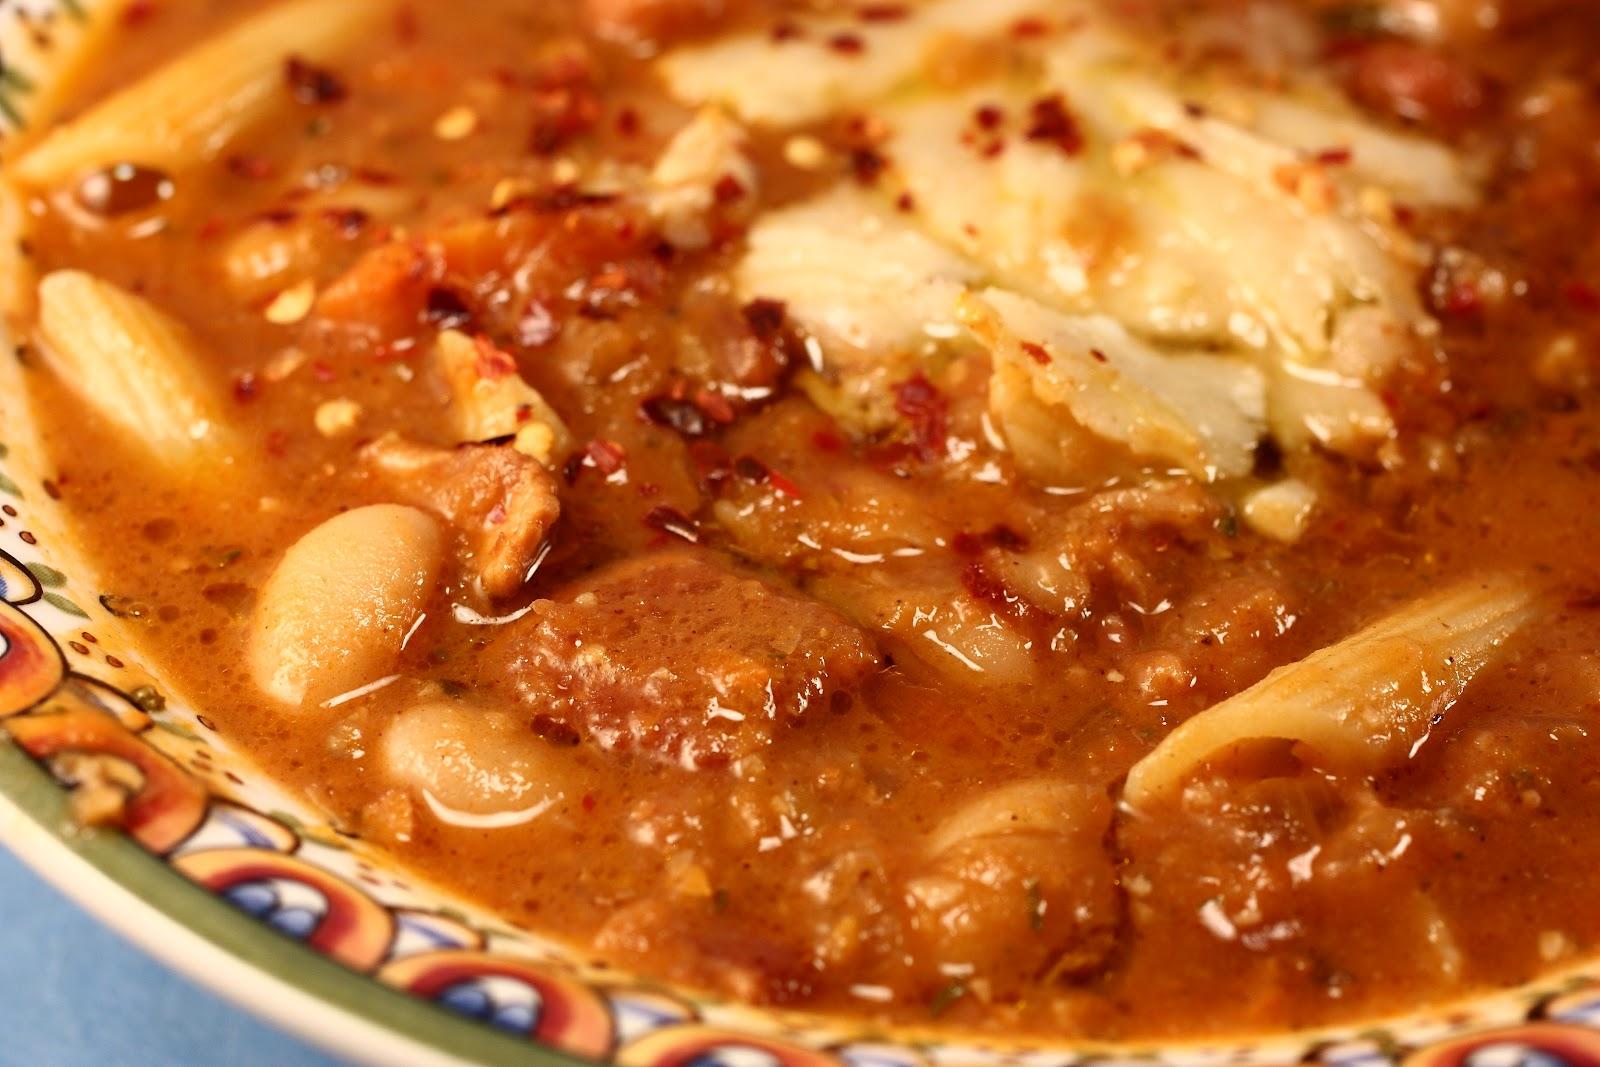 Chef Chuck's Cucina: Chef Chuck's Pasta e Fagioli